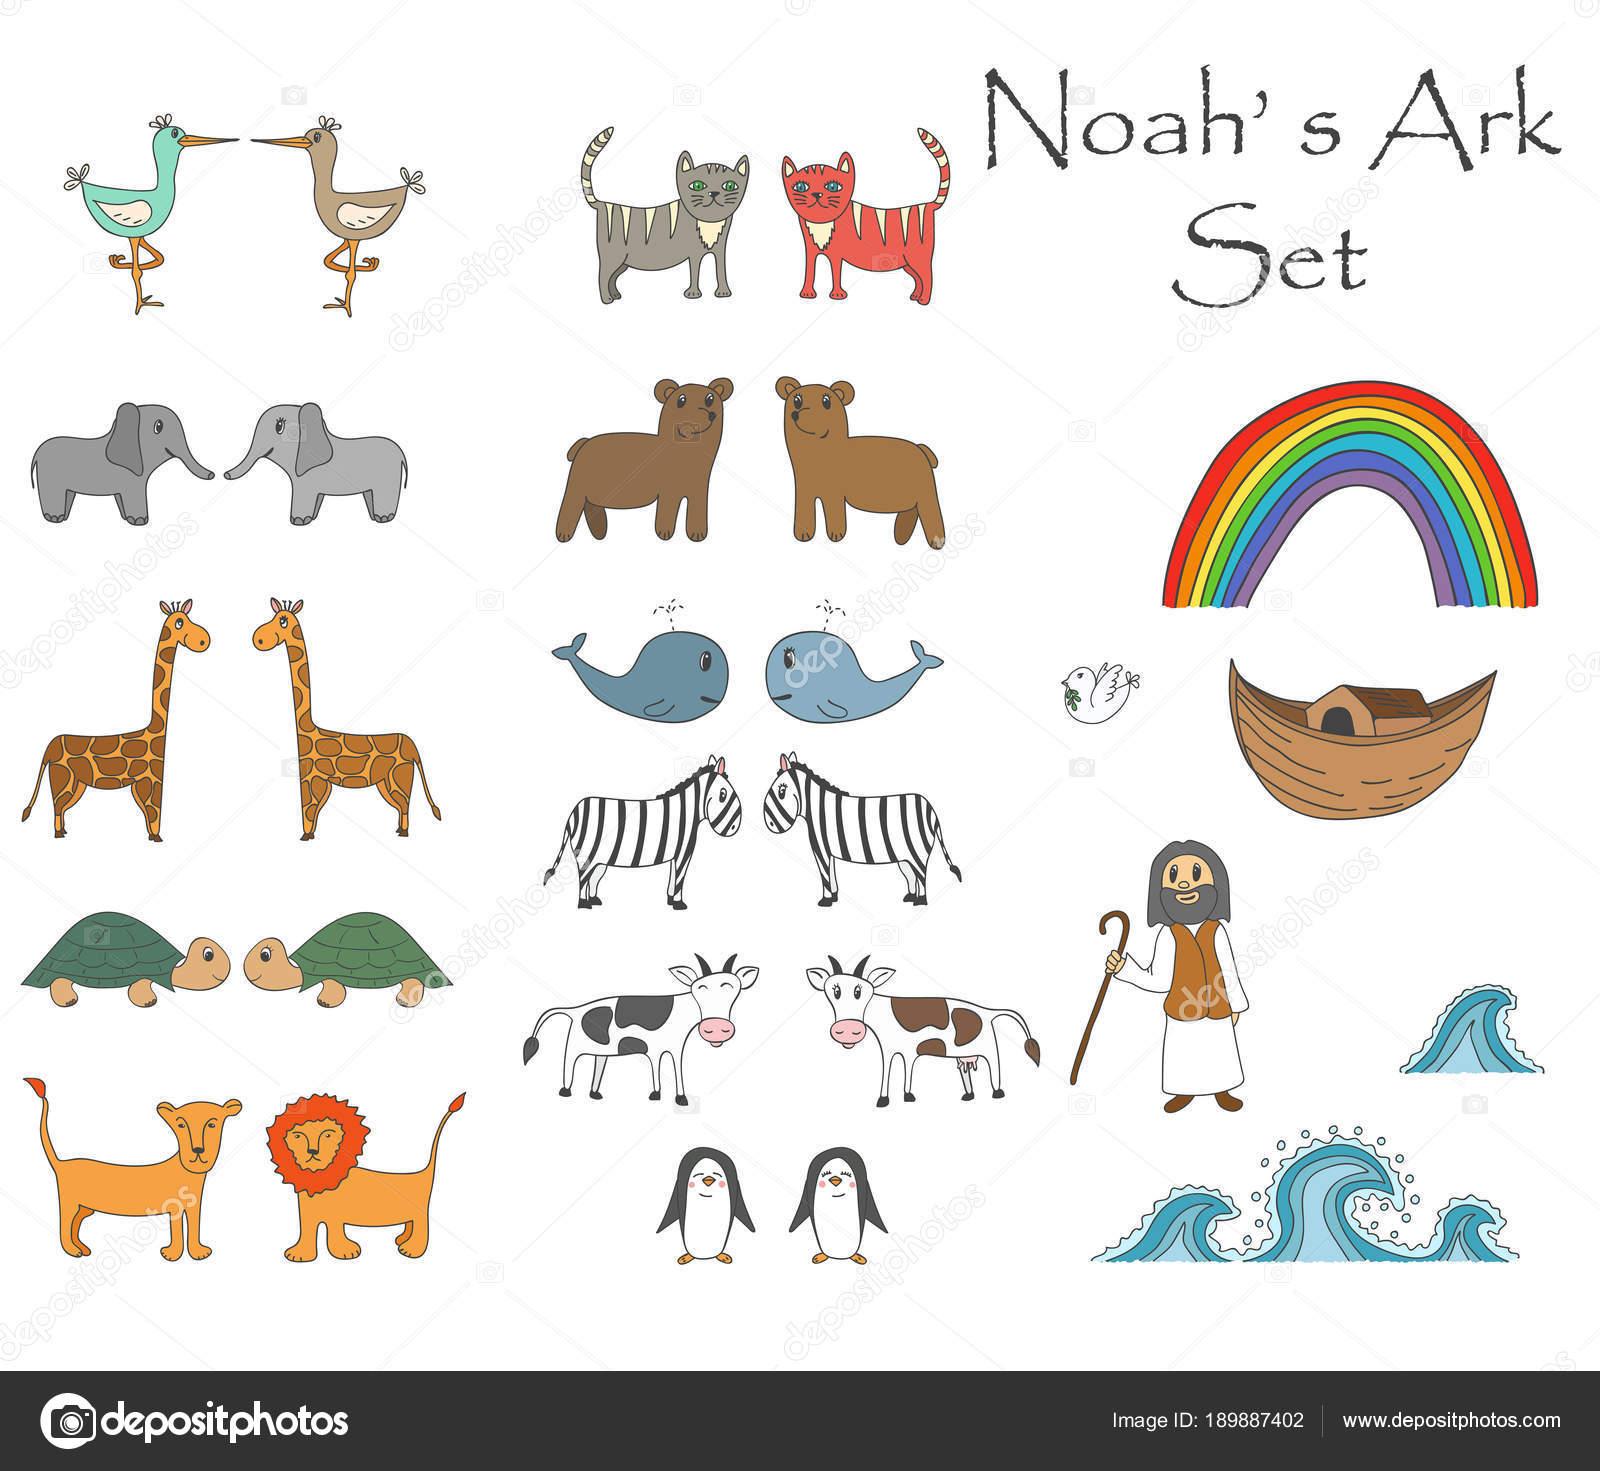 Vector Noah's Ark Set with animals — Stock Vector © MAZURKAT #189887402.